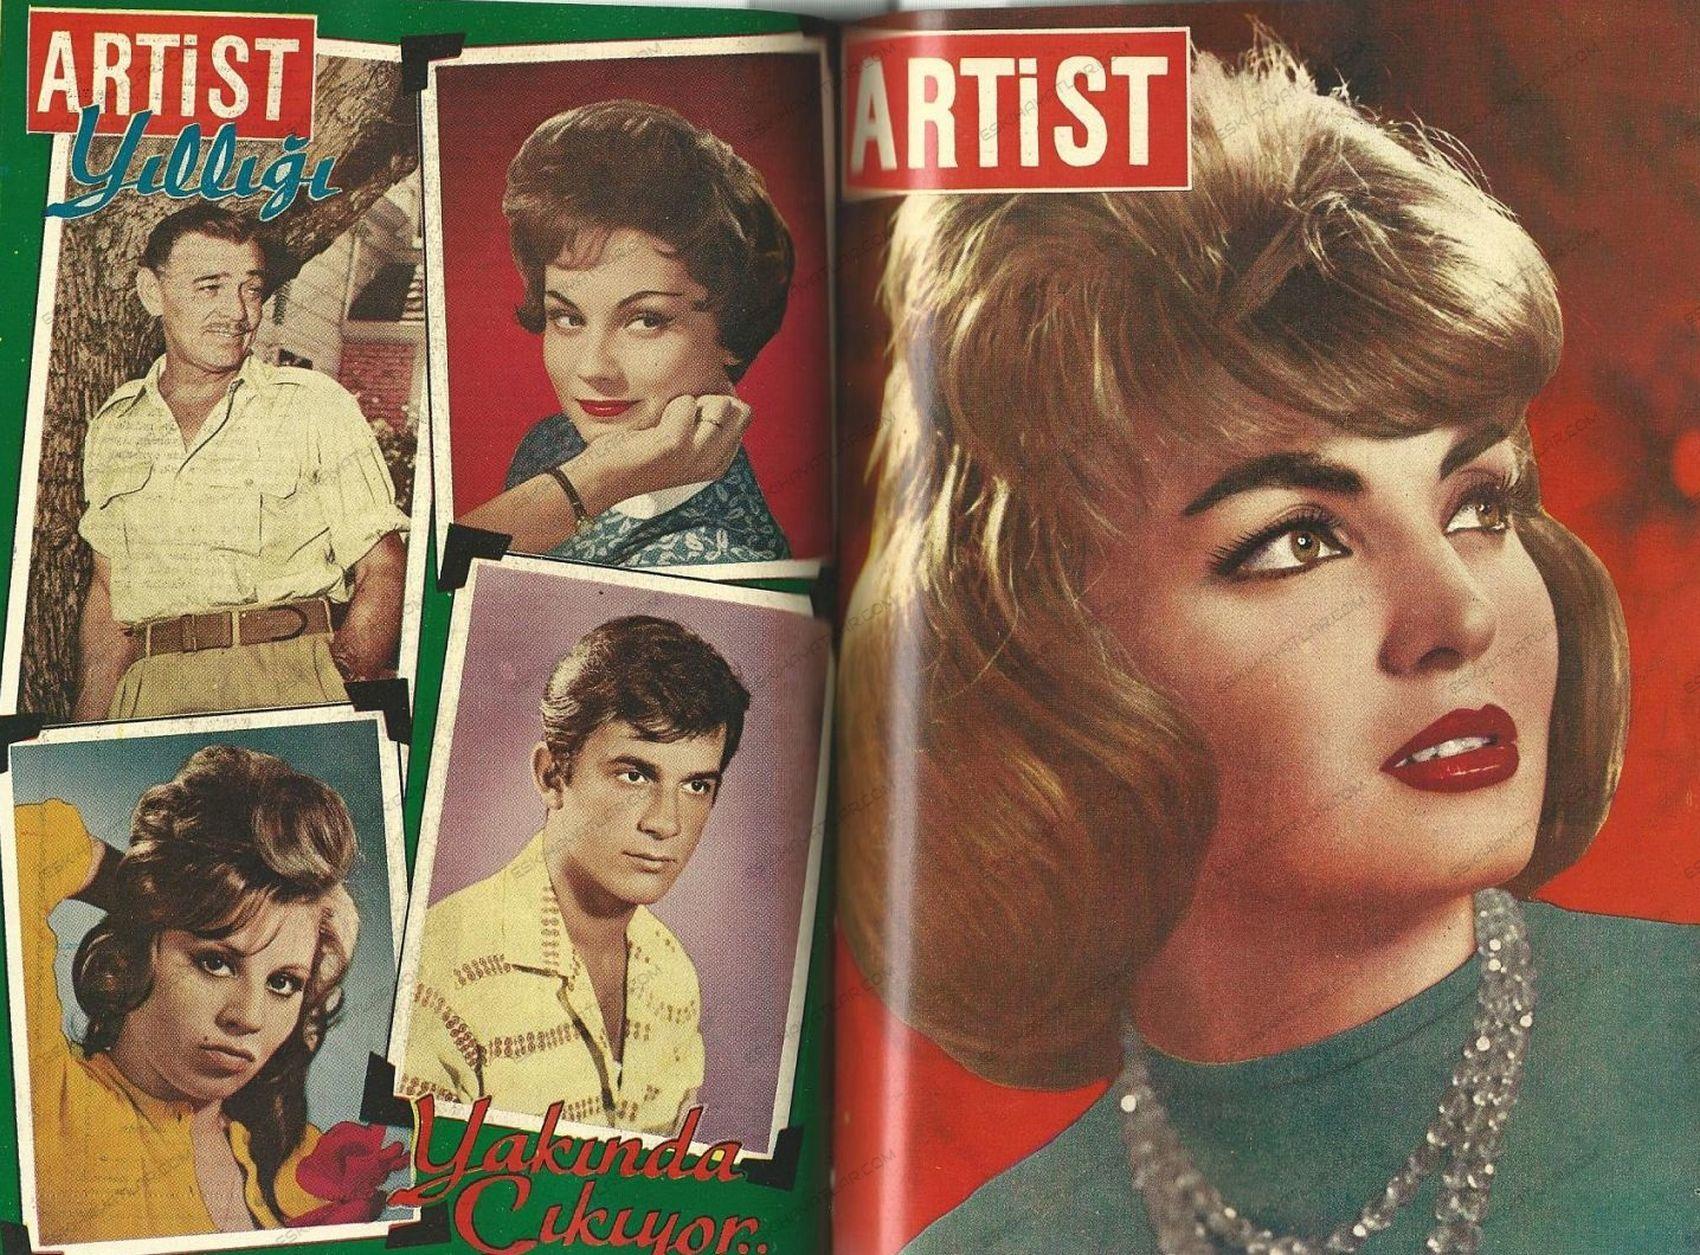 0171-kenan-pars-kimdir-kirkor-cezveciyan-1960-artist-dergisi-turk-sinemasi-jonleri (1)